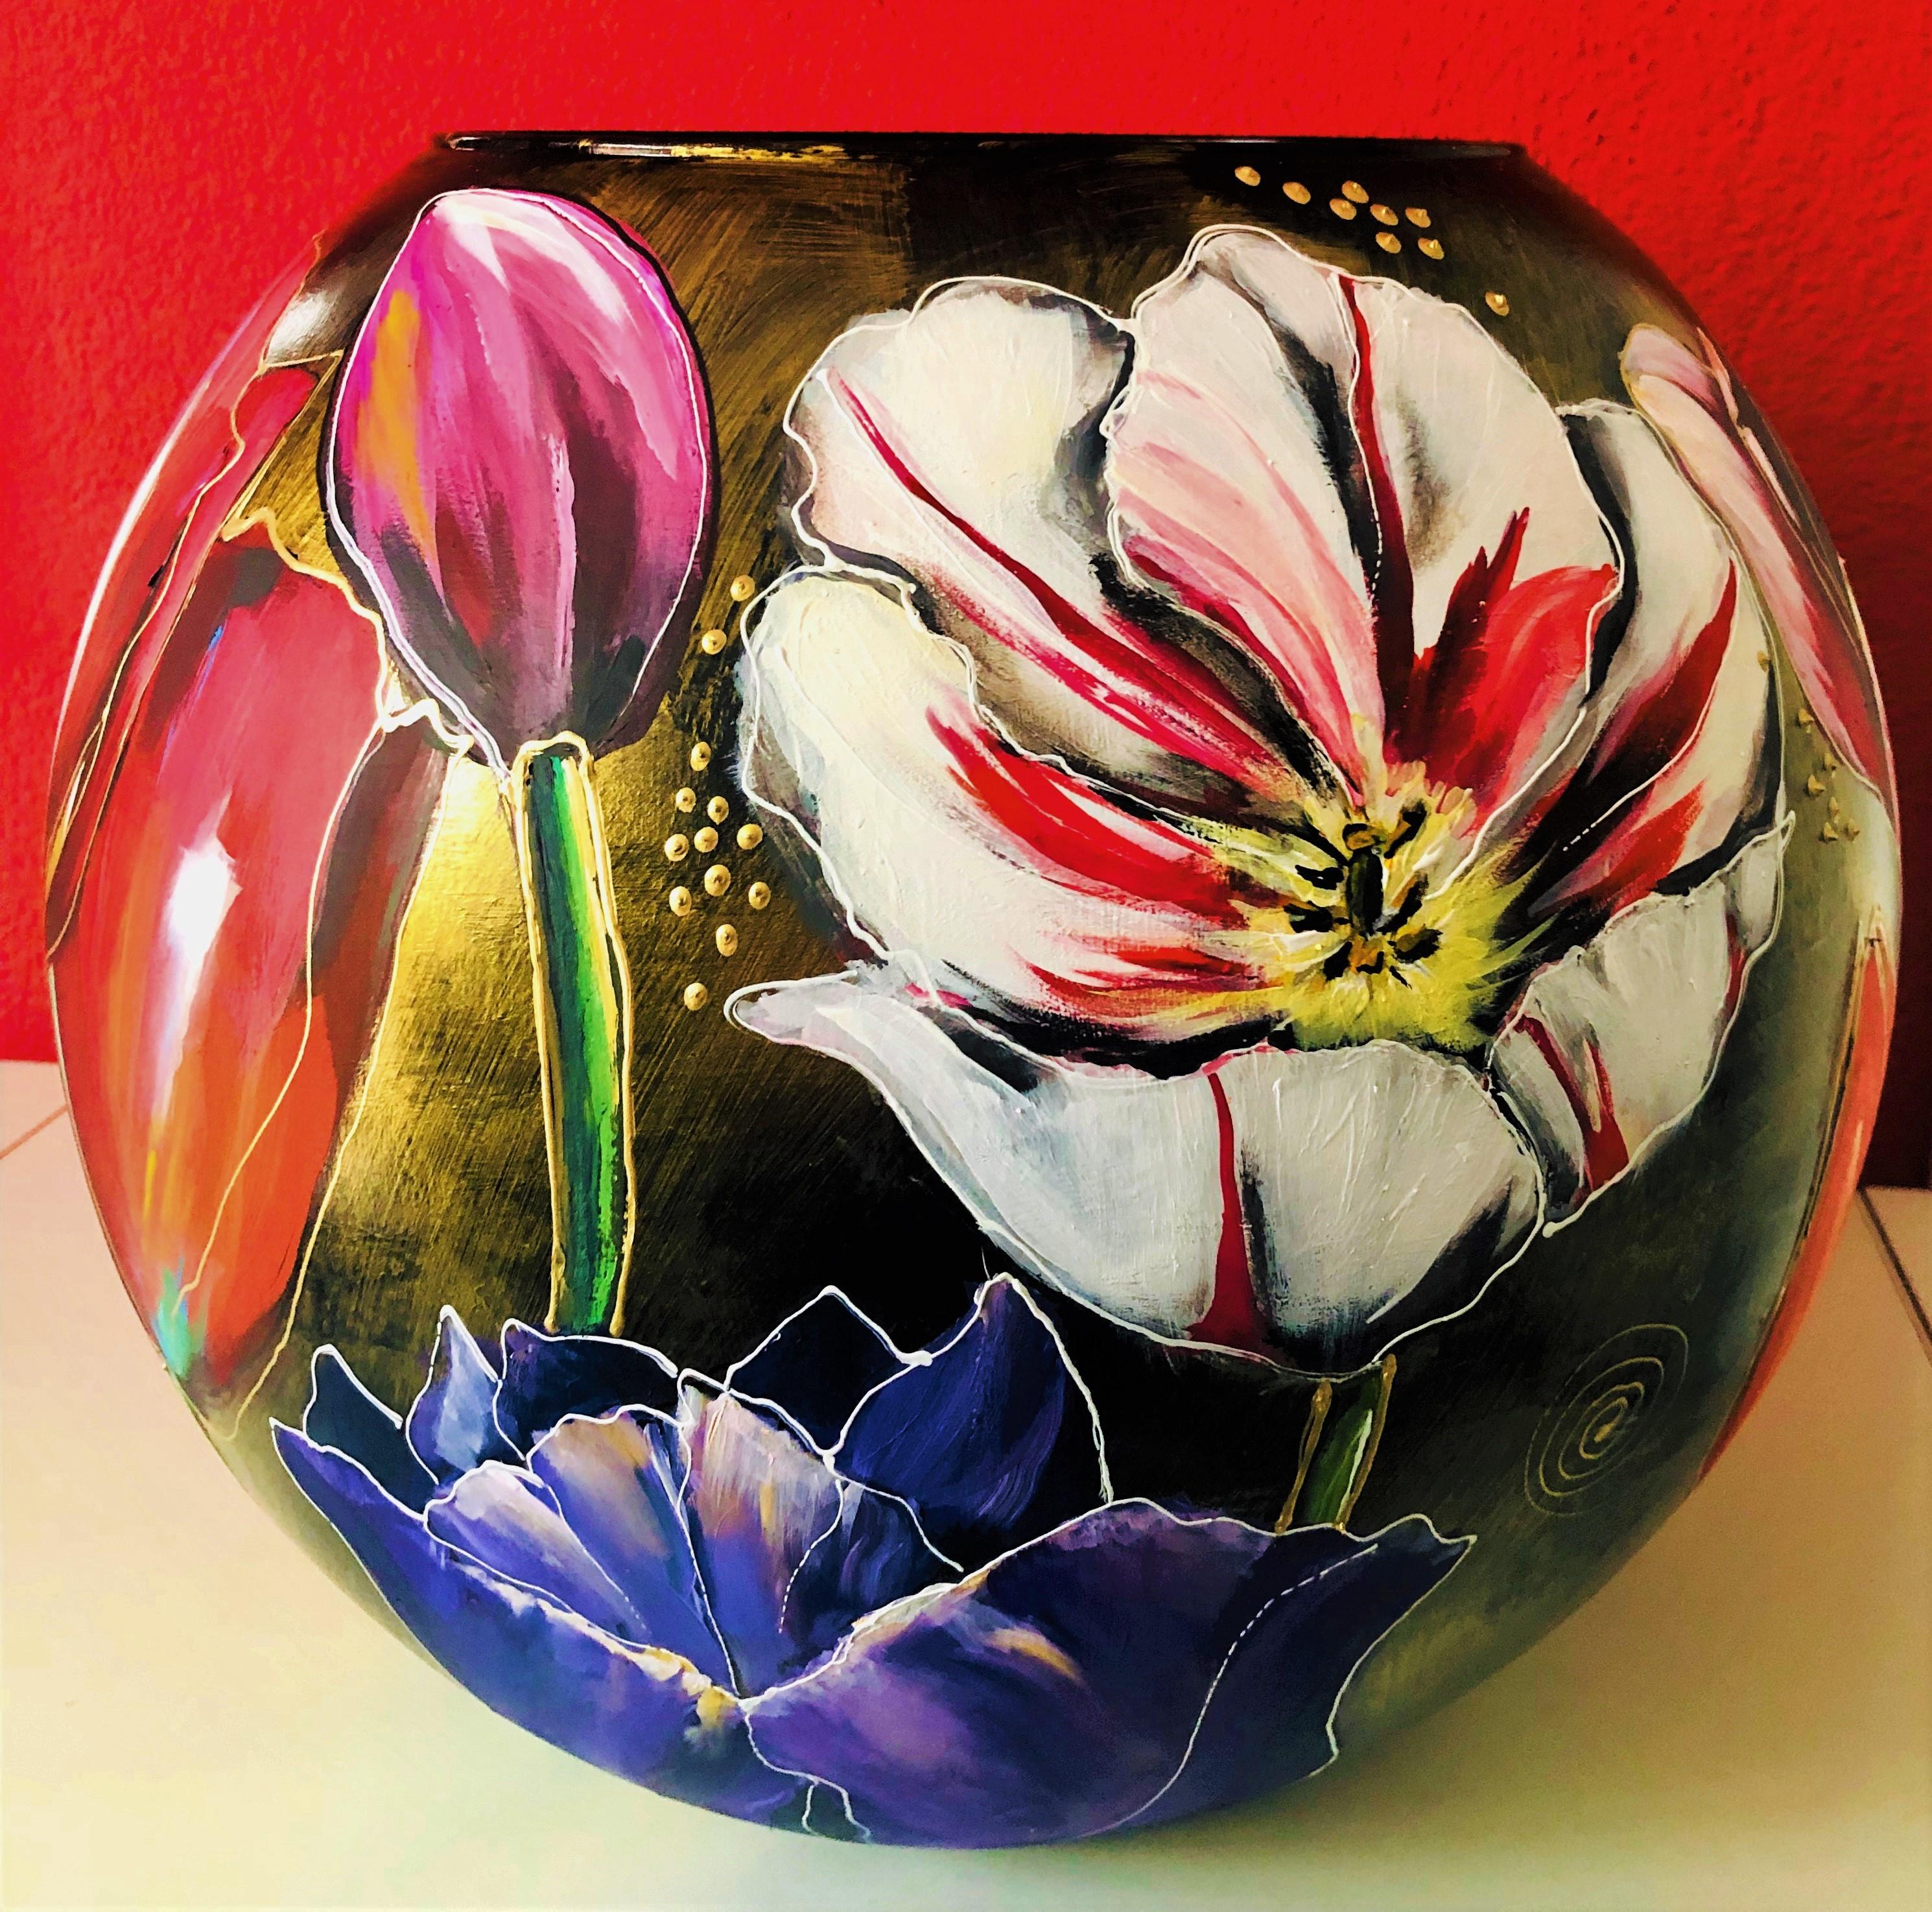 bolvaas met bloemen maart 2019